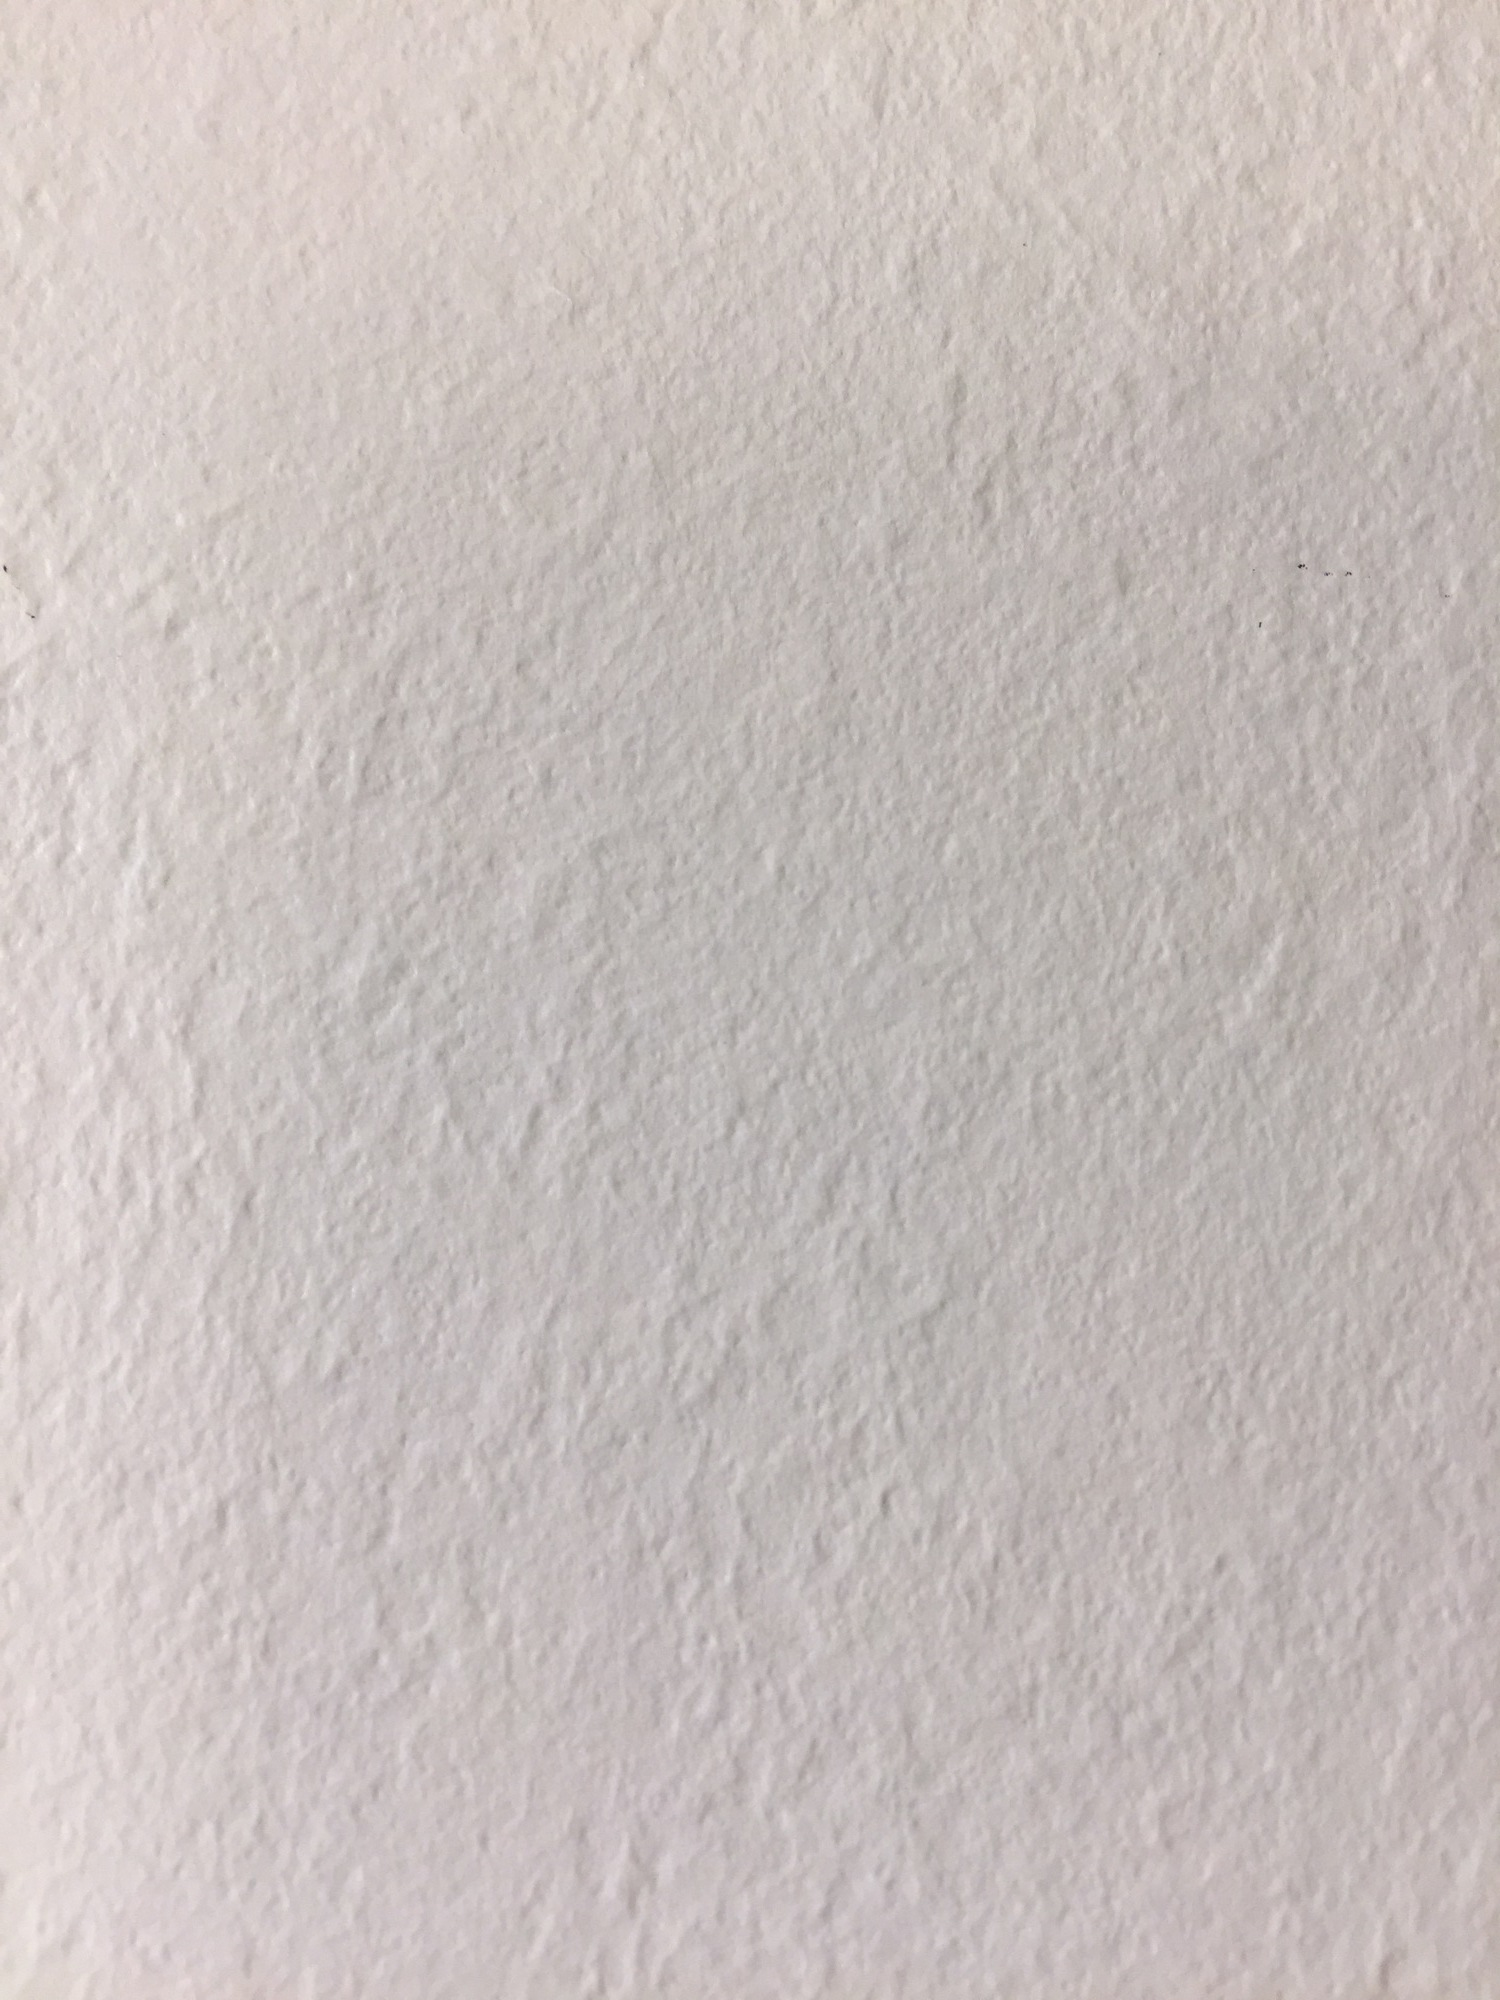 1527499817-essen-asatto-esstisch-mit-4-stuehlen-von-sitzplatz_5.jpg